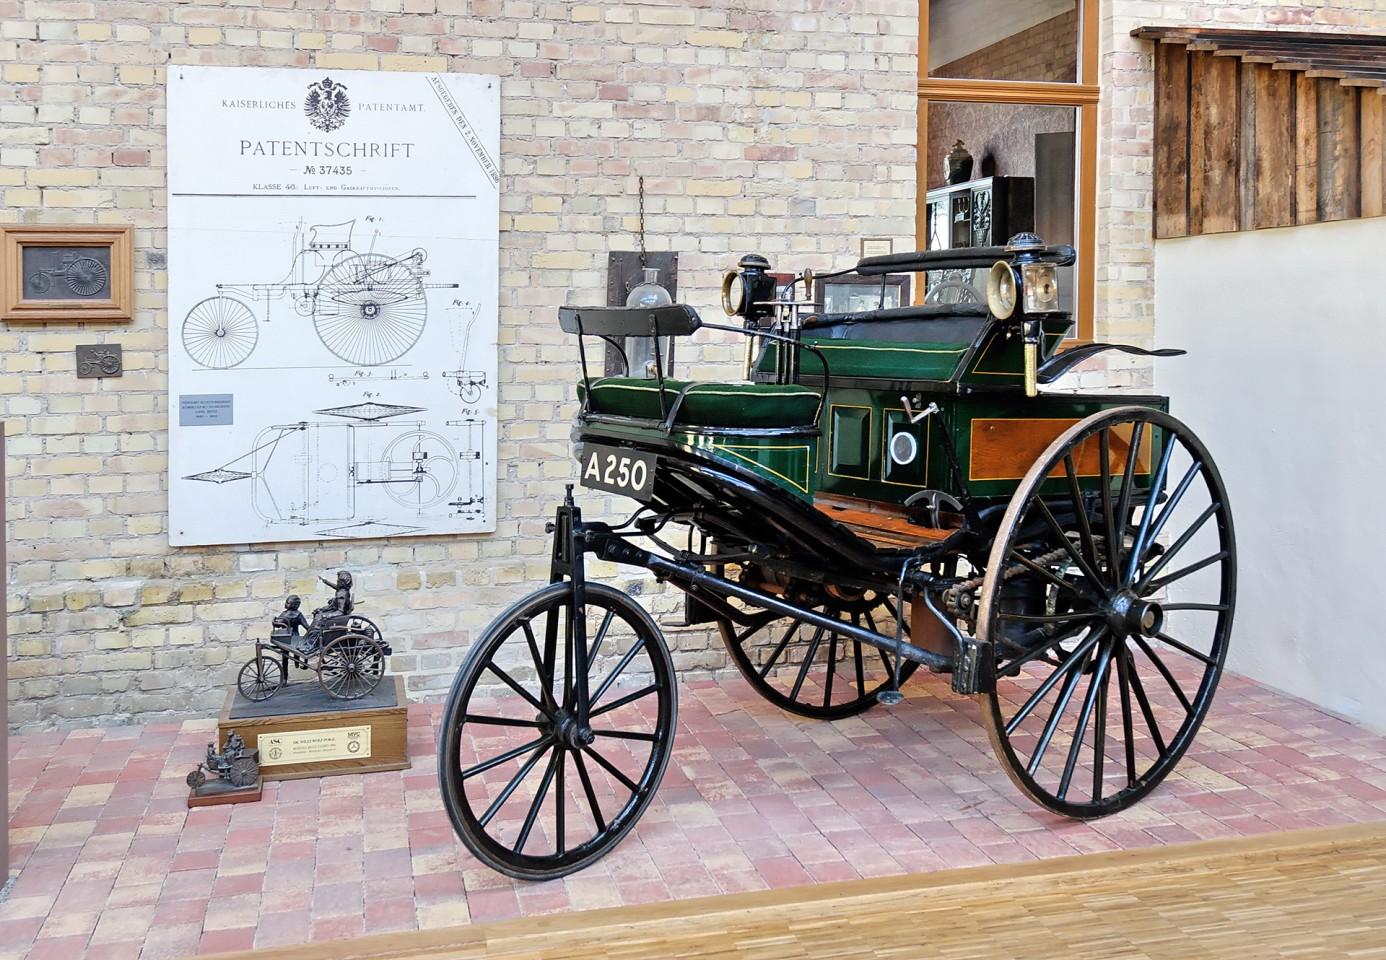 世界上第一辆汽车--1886年1月29日,卡尔-本茨在柏林的帝国专利局申请了第37435号专利--它被普遍认为是汽车的诞生证书